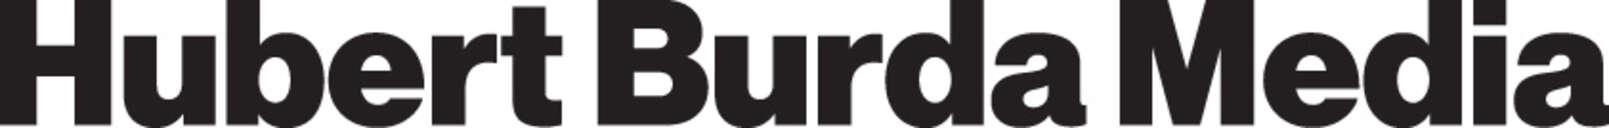 Hubert Burda Media Holding GmbH & Co. KG